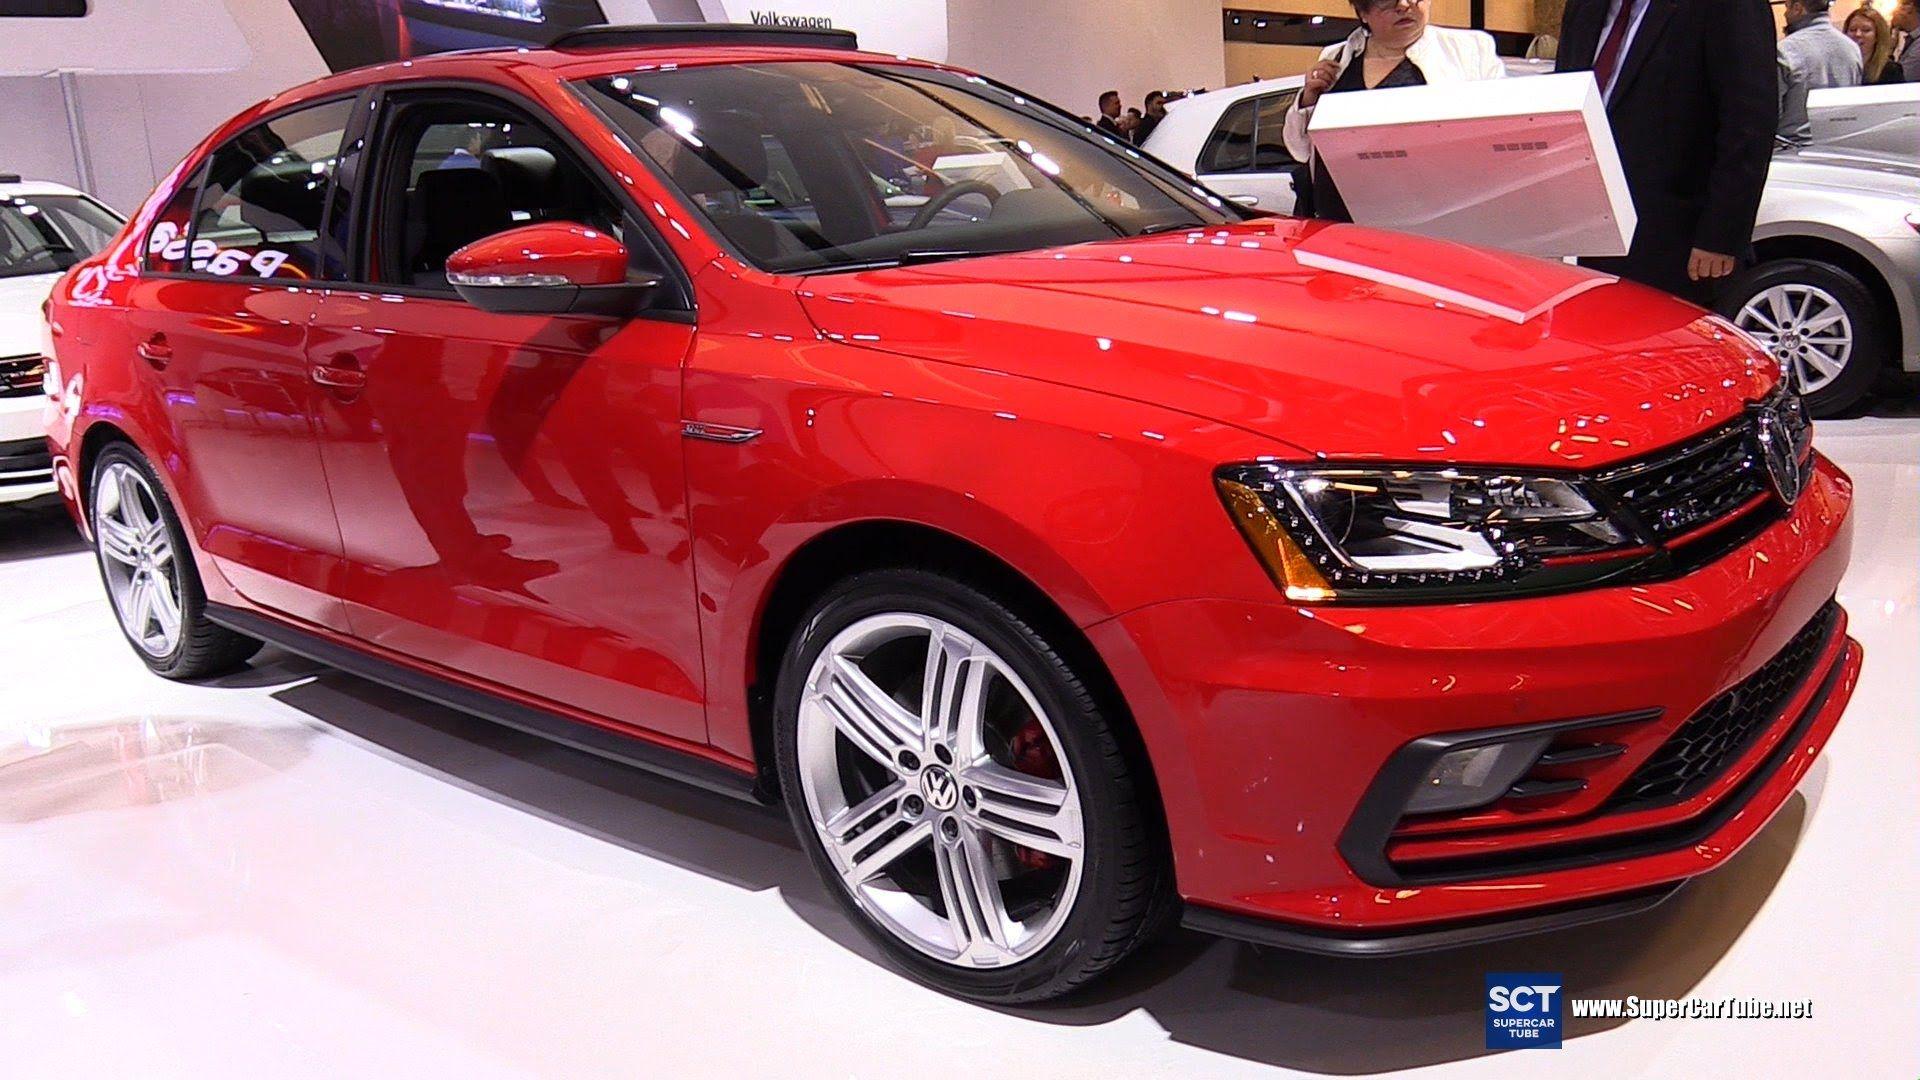 2016 Volkswagen Jetta Gli Exterior And Interior Walkaround 2016 Montreal Auto Show Jetta Gli Volkswagen Jetta Volkswagen